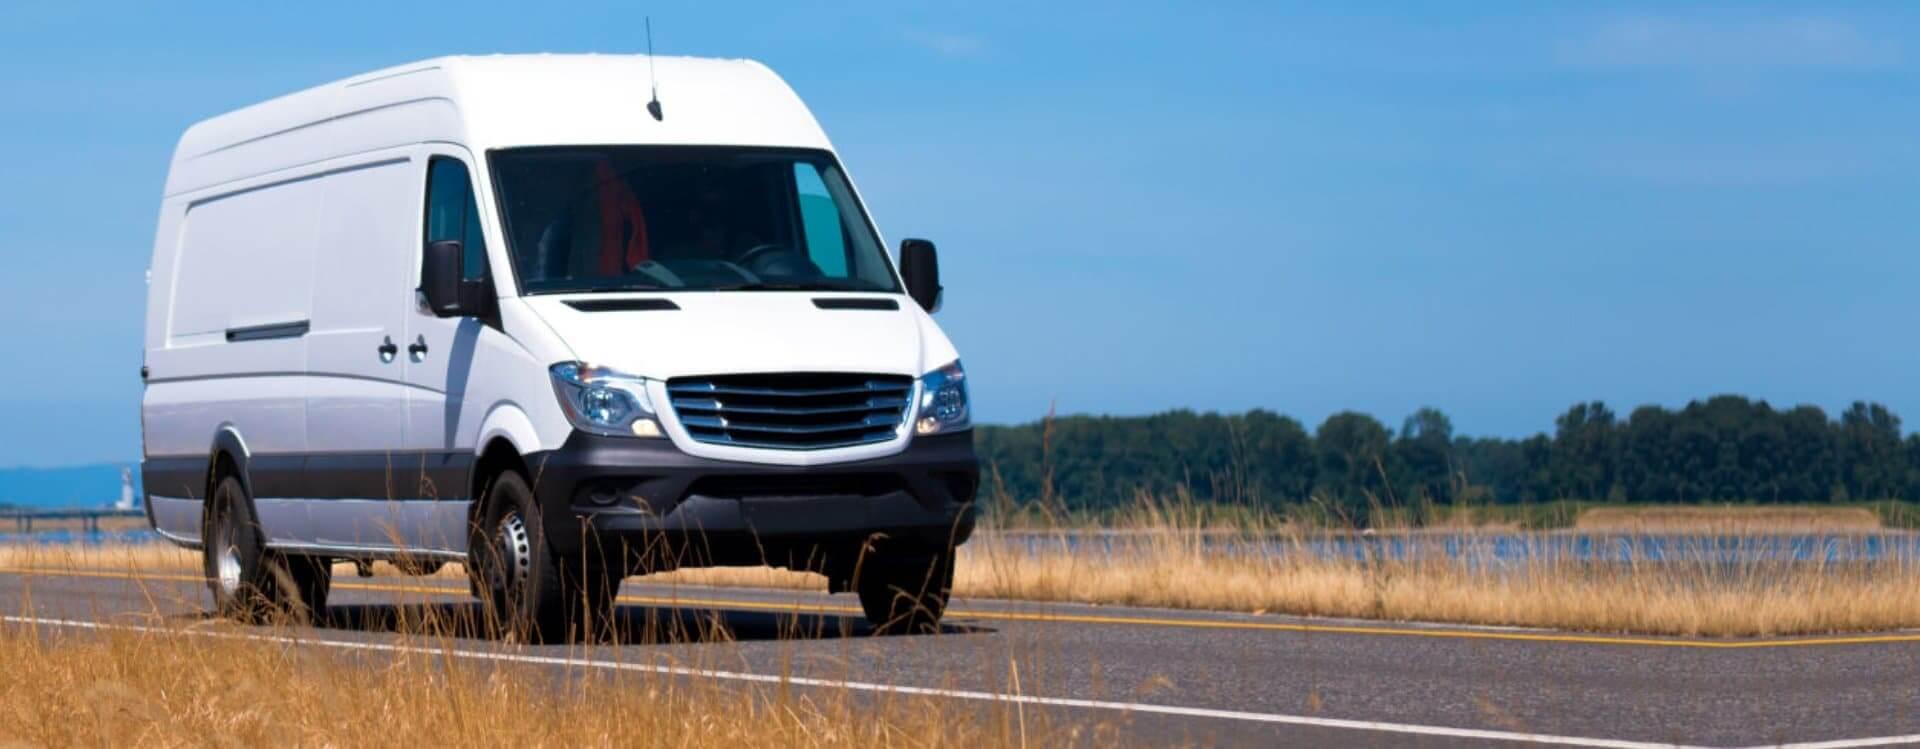 Small cargo van